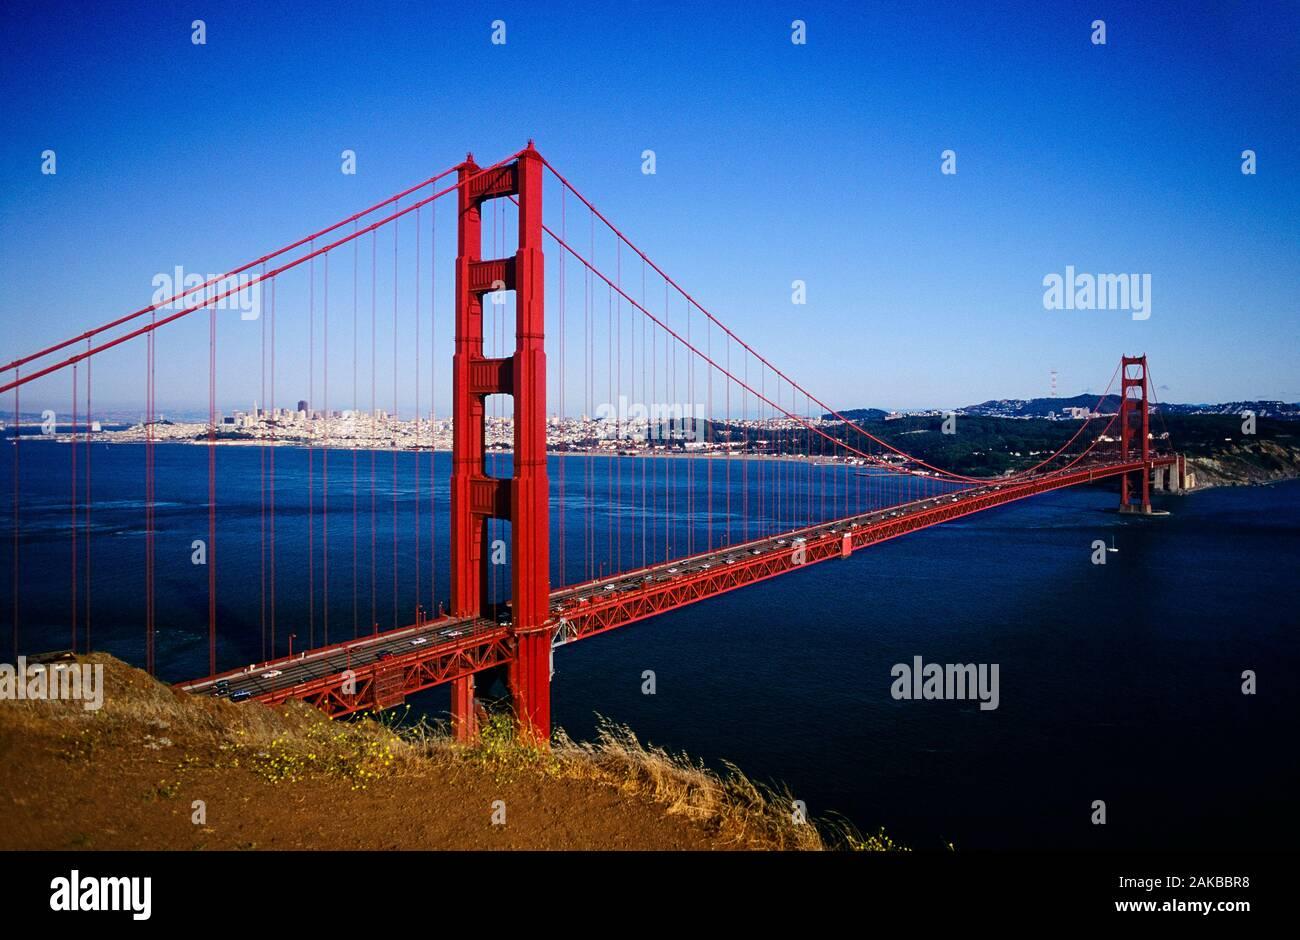 Famoso puente colgante rojo, el Puente Golden Gate, San Francisco, California, EE.UU. Foto de stock